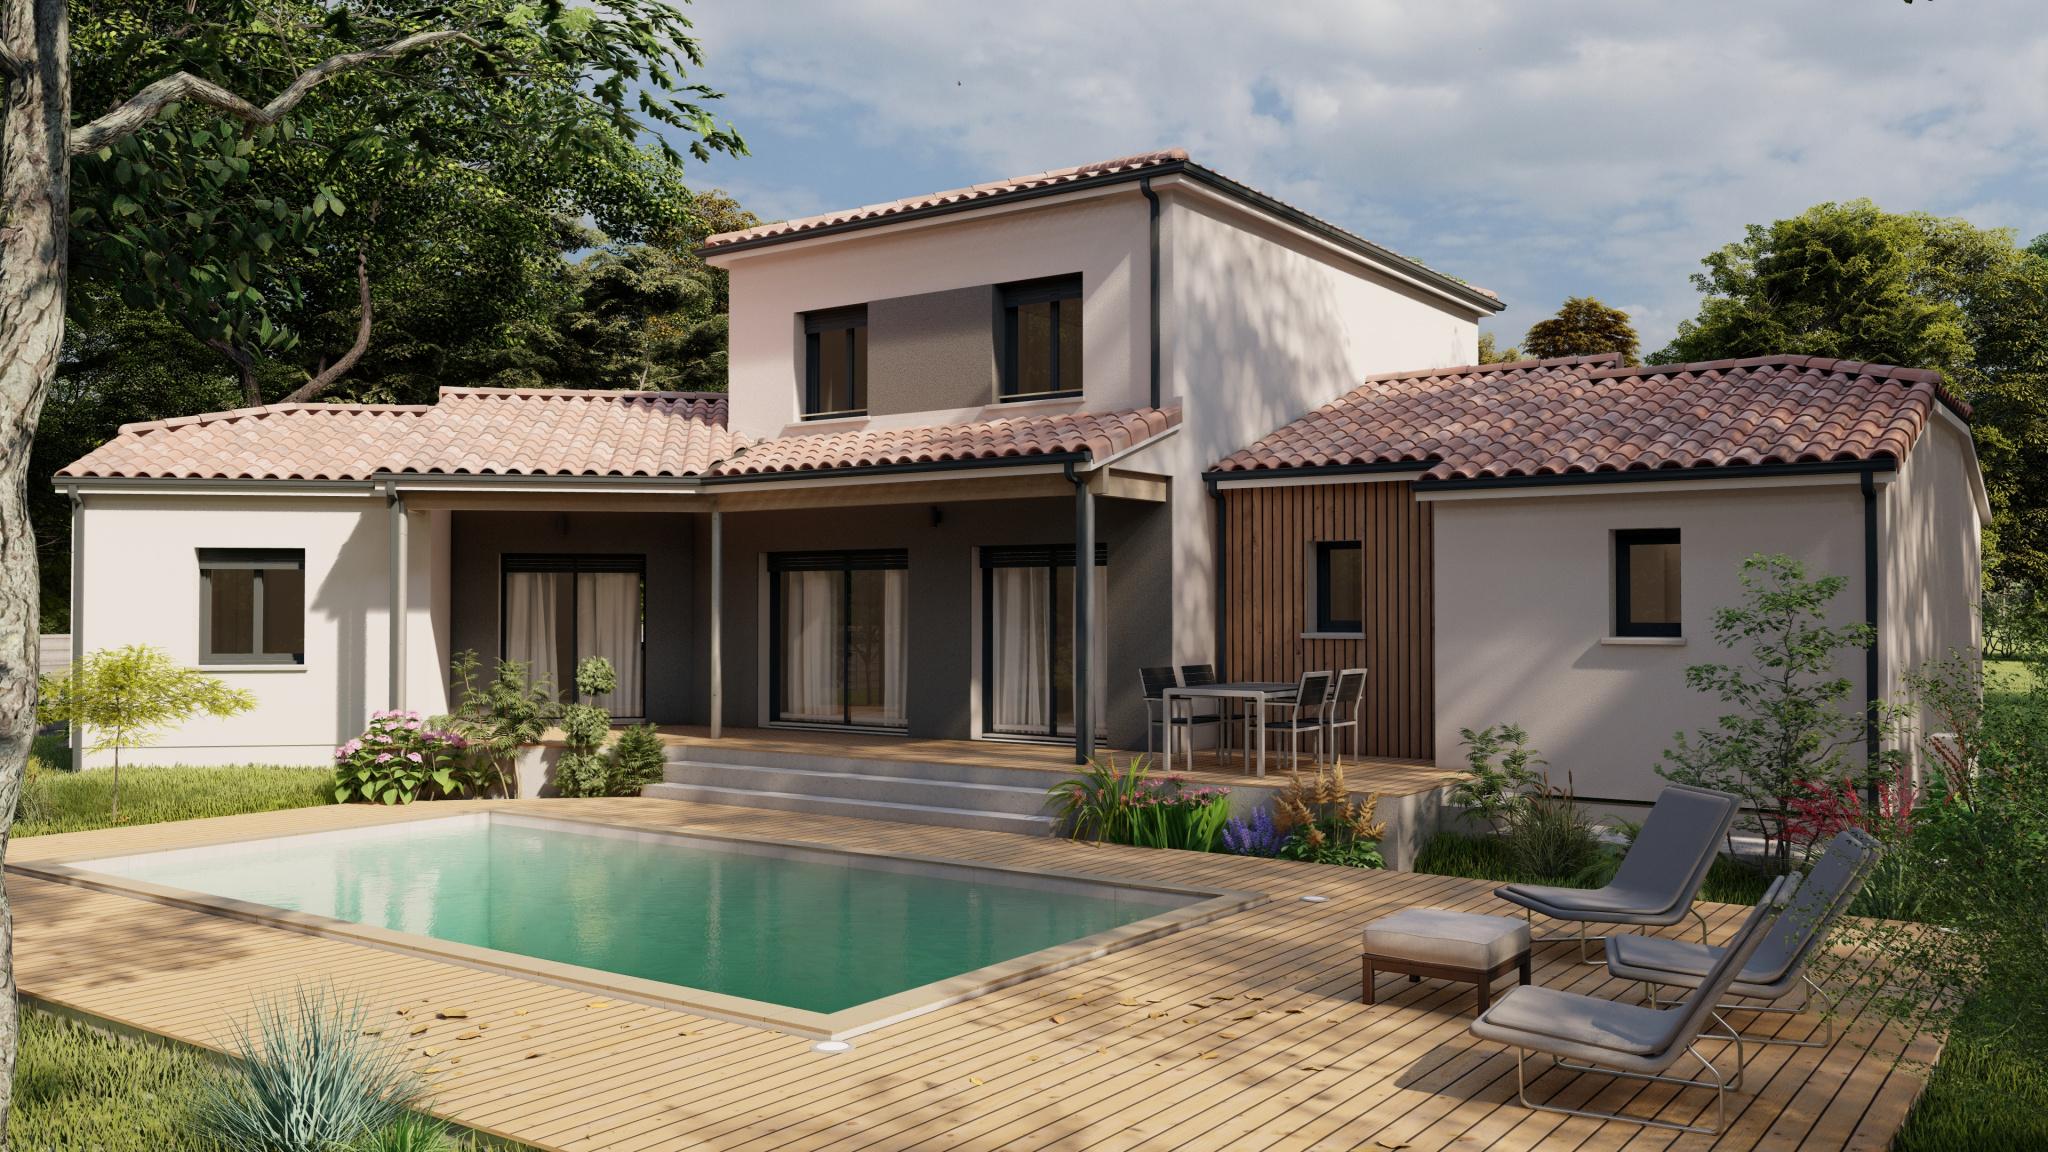 Vente maison à Aressy (64320) de 152 m2 habitable sur terrain de 490 m2